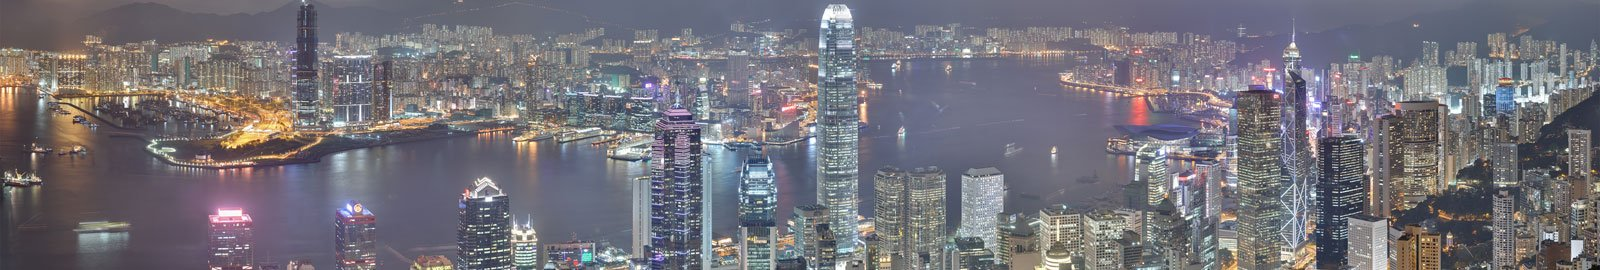 Hong Kong Island at Night from the Peak